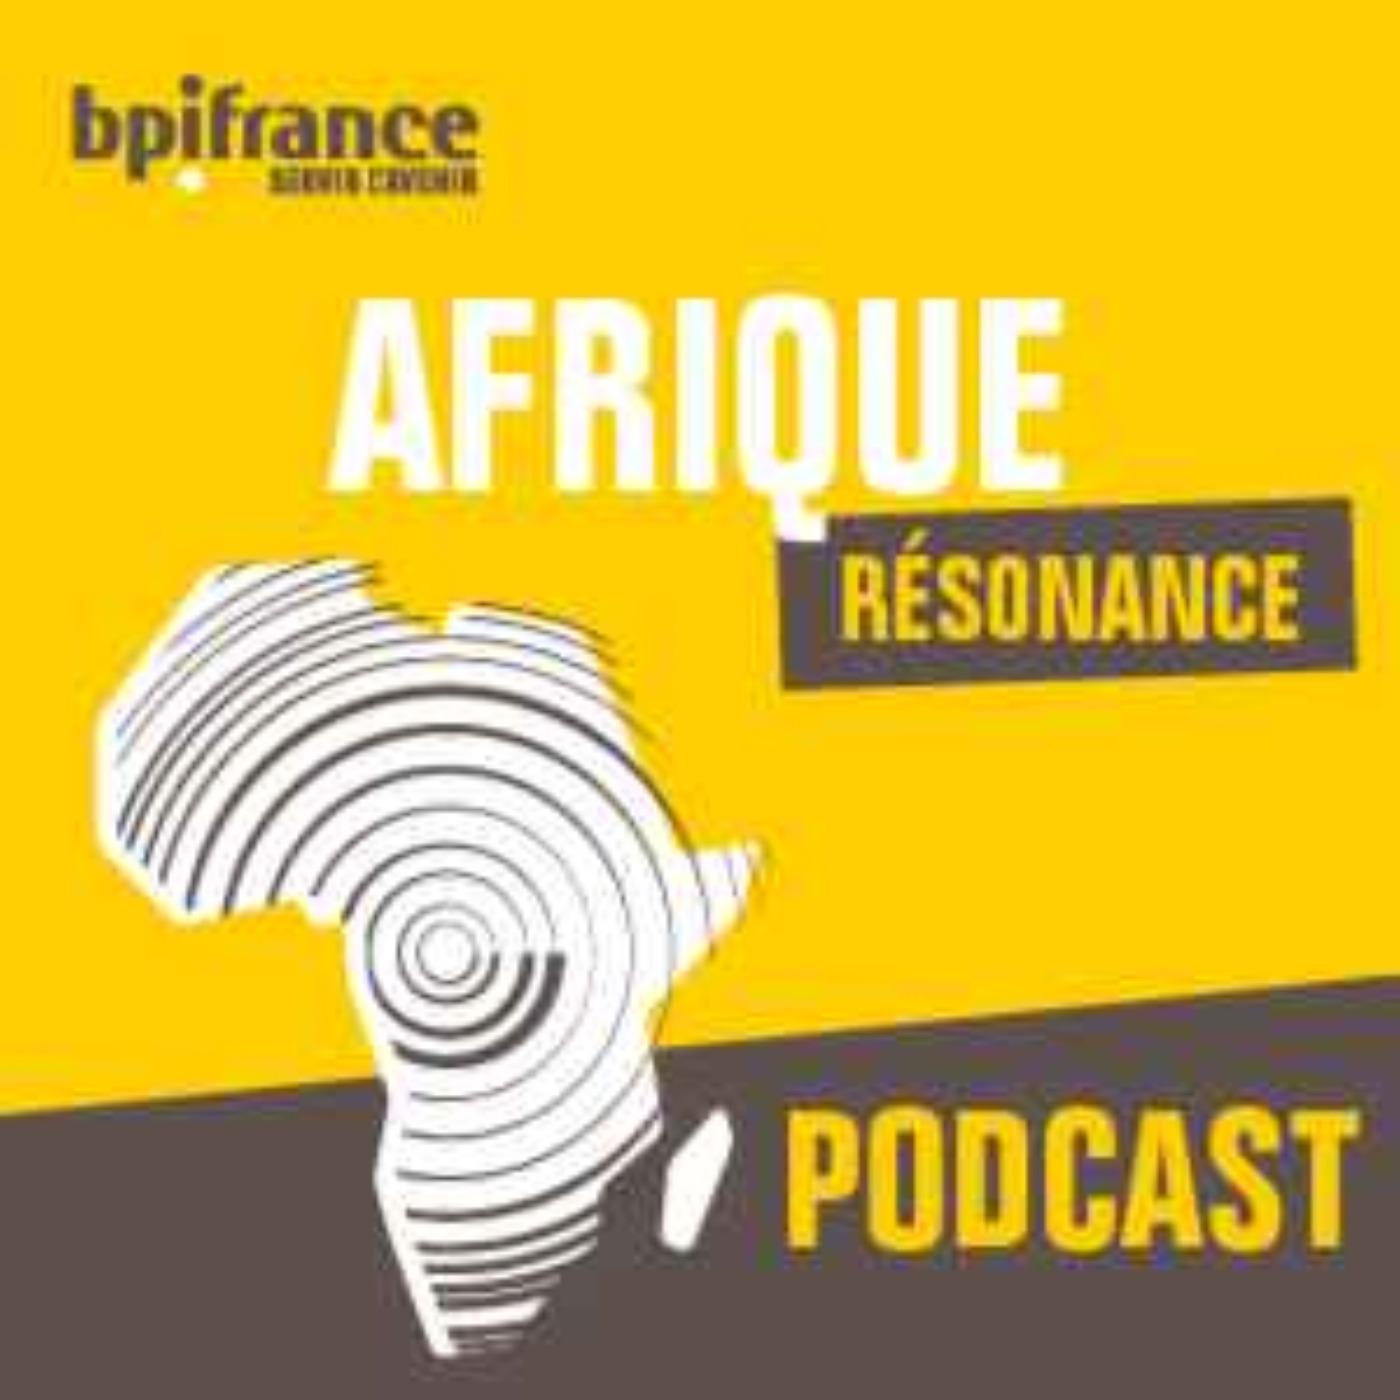 Podcast : Bpifrance fait l'écho de l'entrepreneuriat africain dans Afrique Résonance